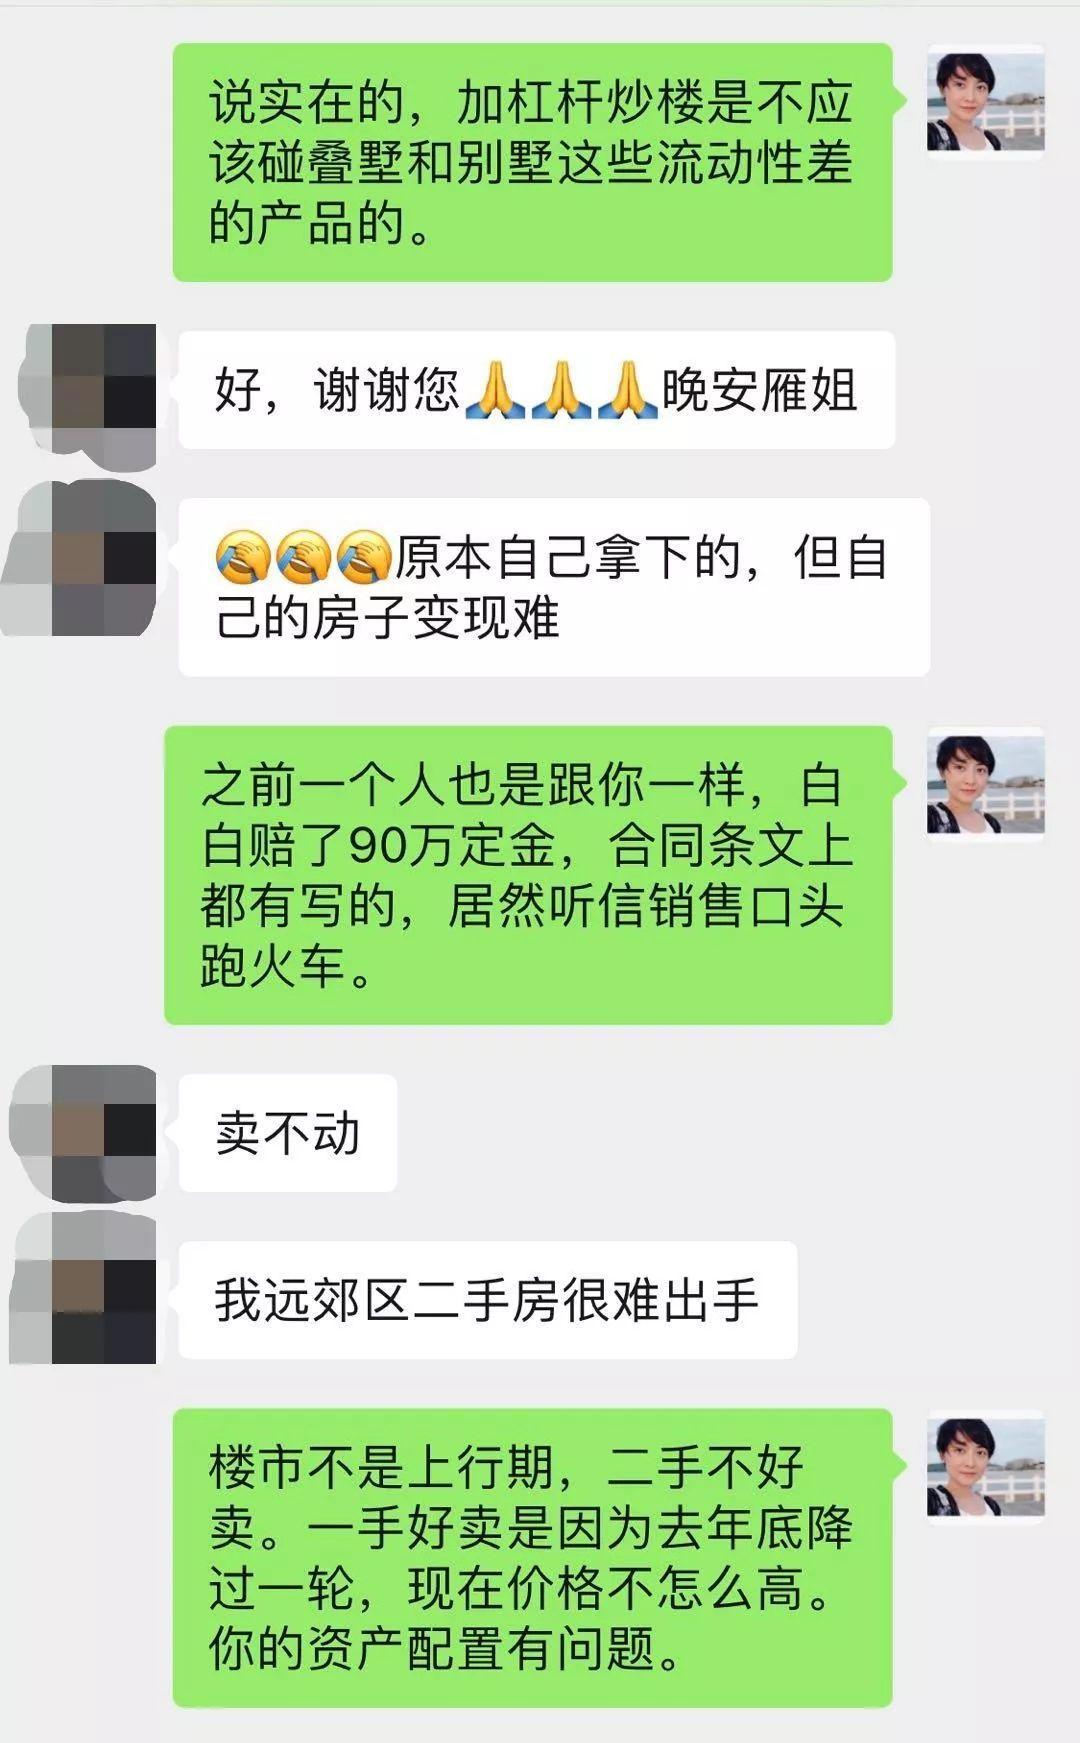 http://www.qwican.com/fangchanshichang/1195519.html